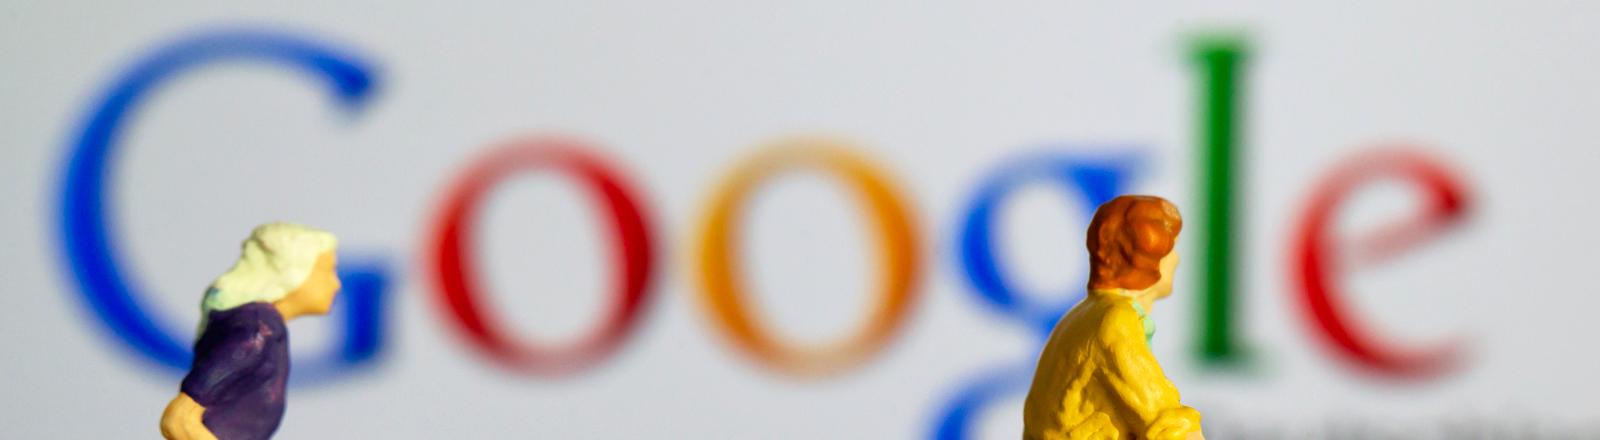 Figuren von einem Mann und einer Frau mit Einkaufswagen vor dem Google-Logo.